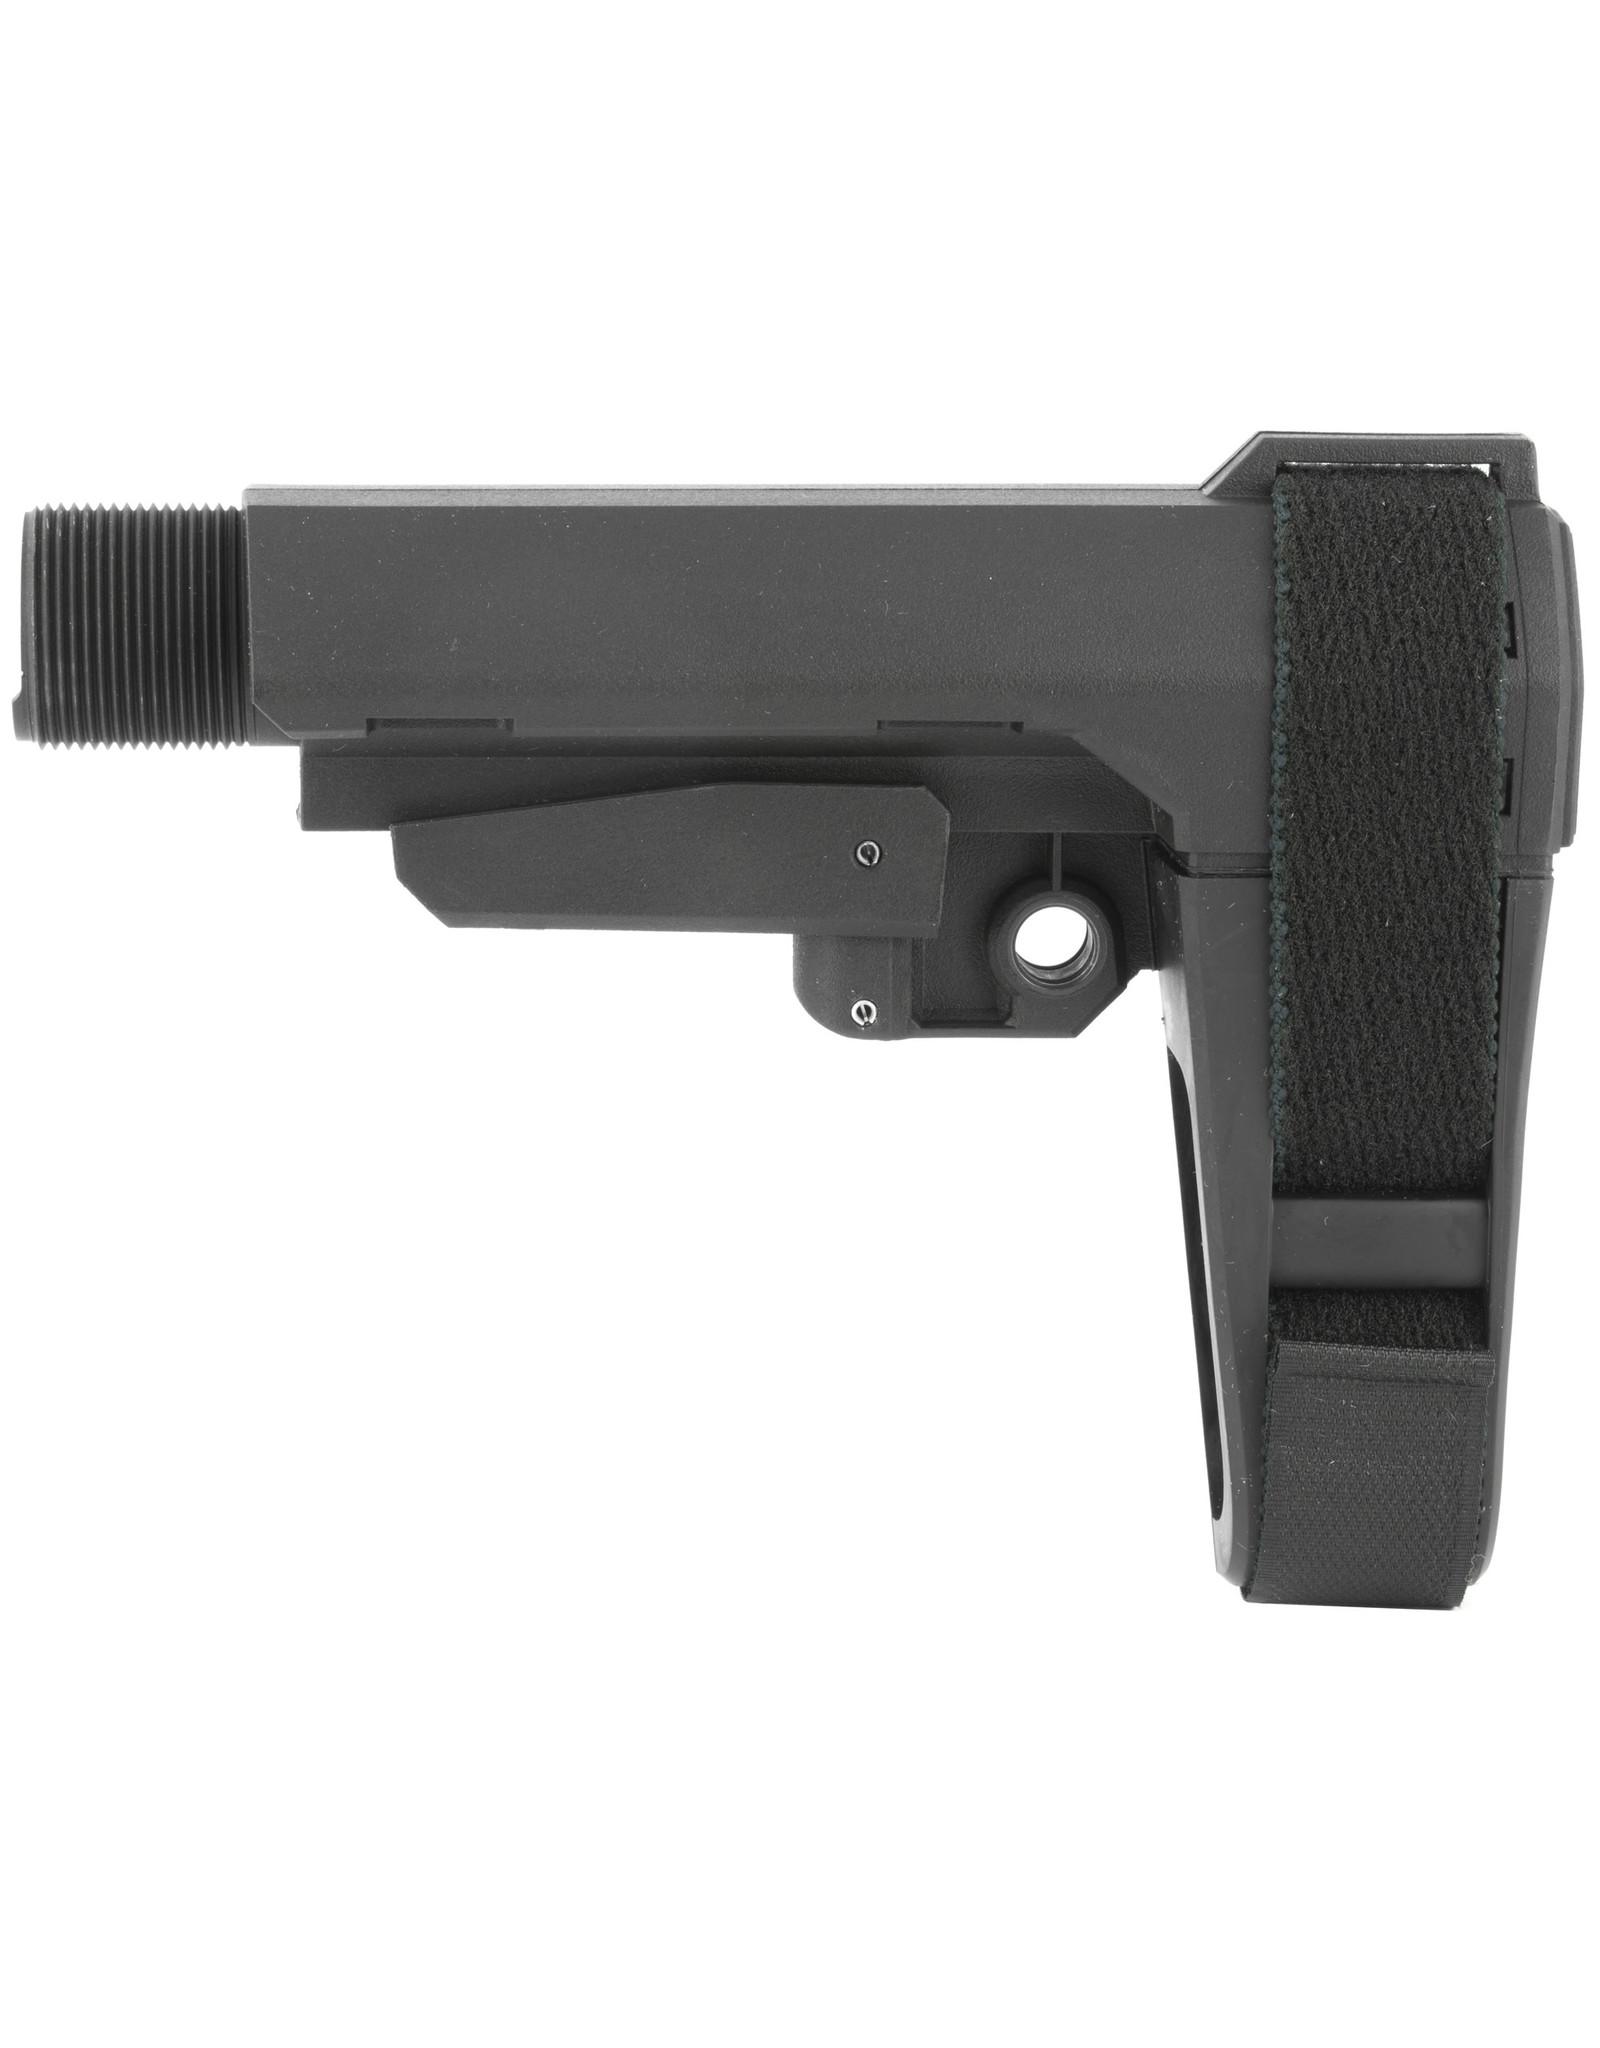 SB Tactical SB Tactical - SBA3 5-pos w/ extension - Black